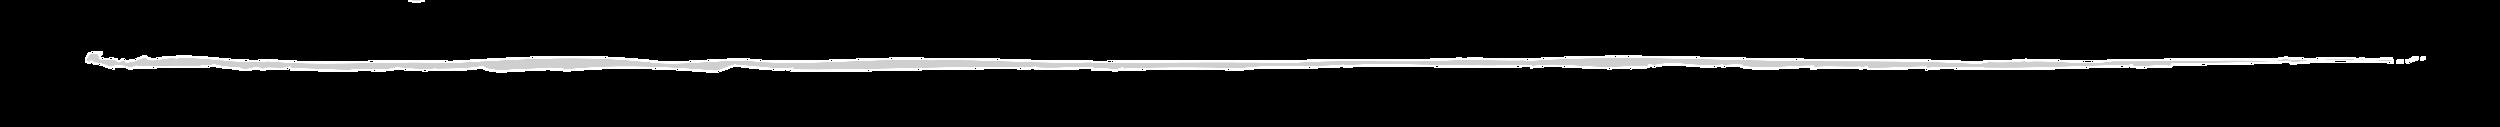 Petra Line 2.png